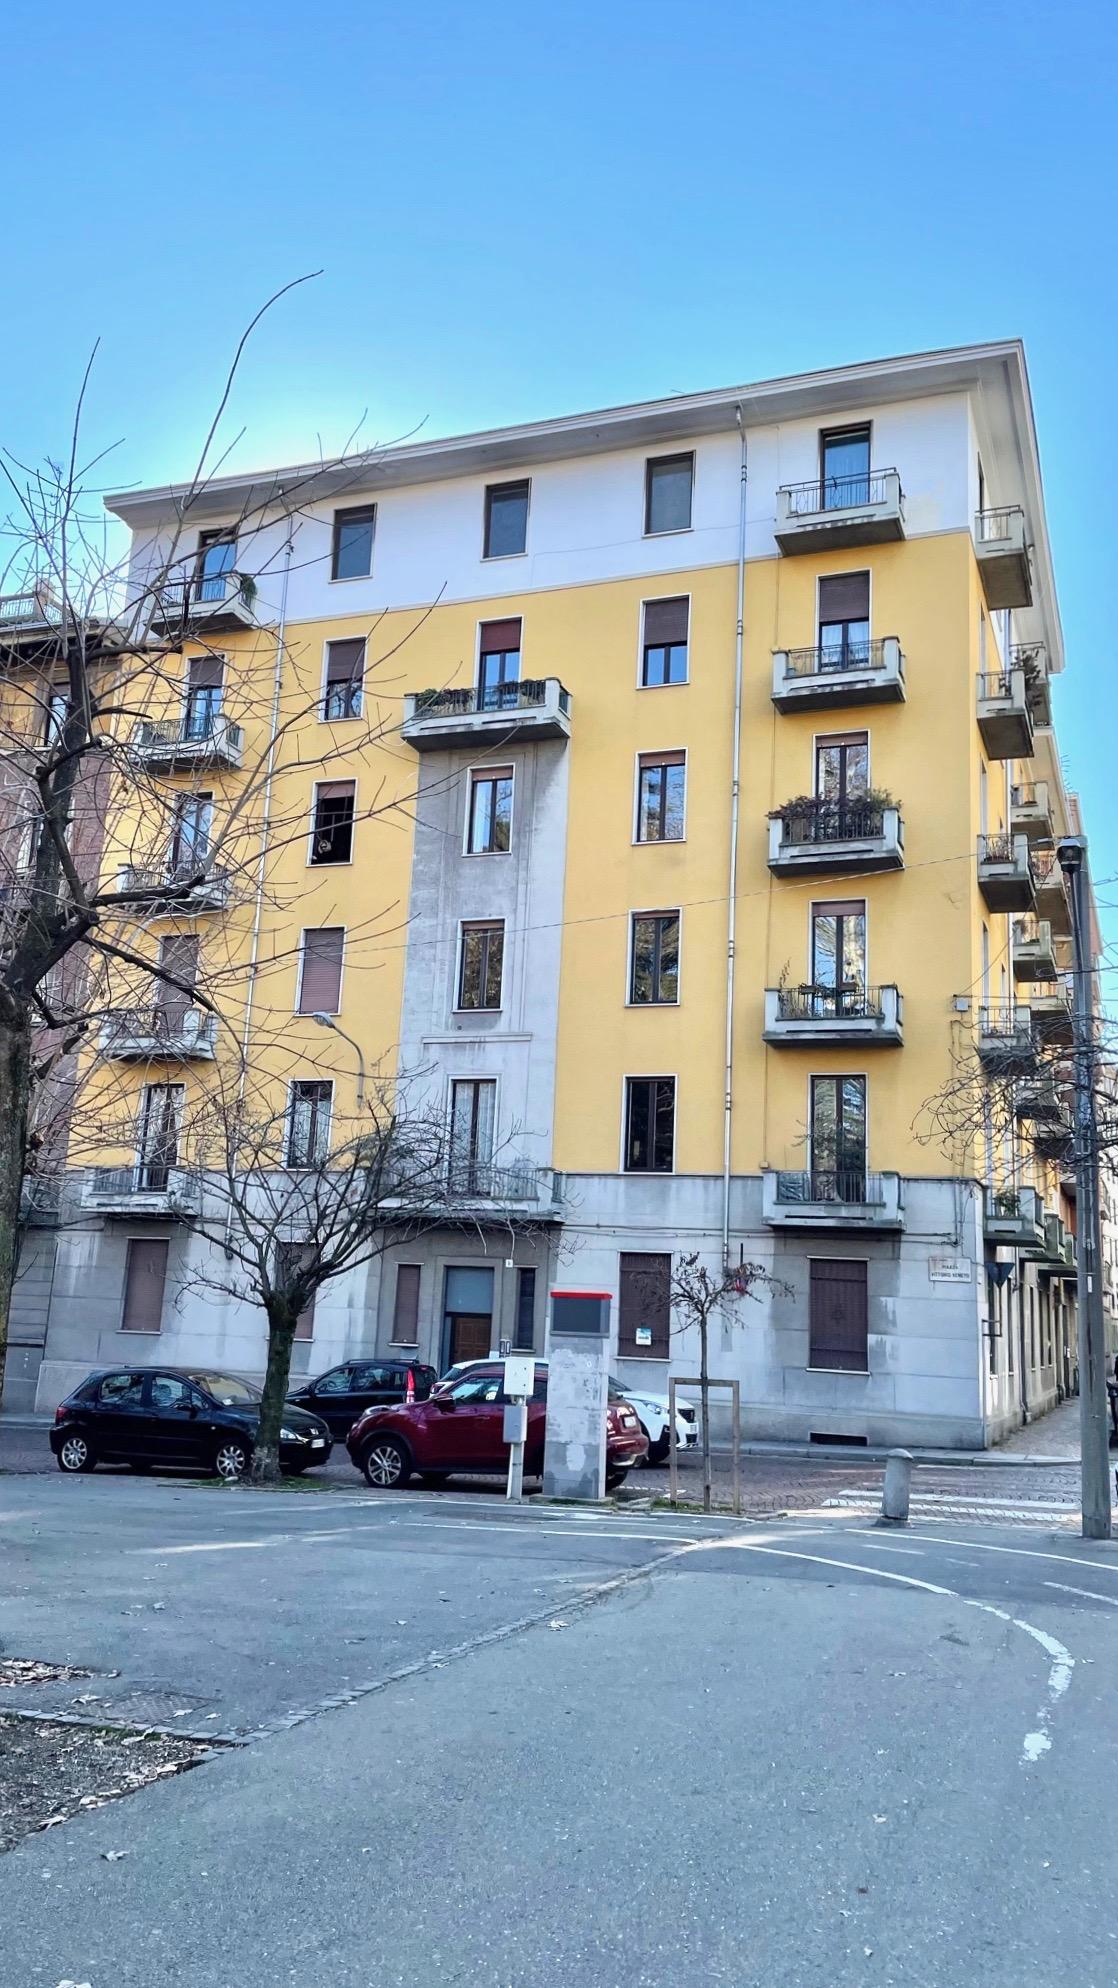 Biella Piazza Vittorio Veneto Alloggio In Vendita